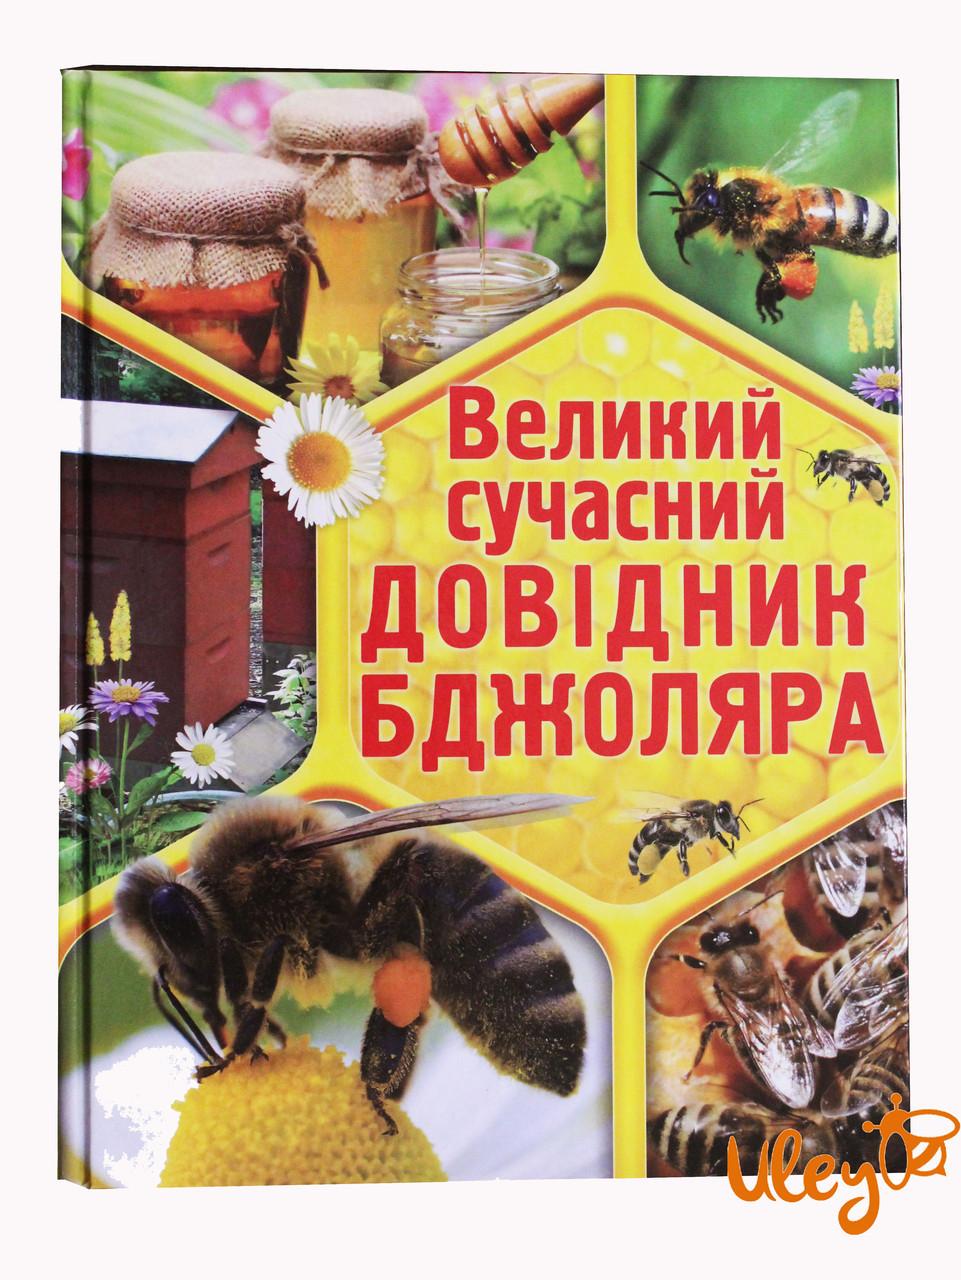 Книга «Великий сучасный довідник бджоляра» Е.В. Бєлік